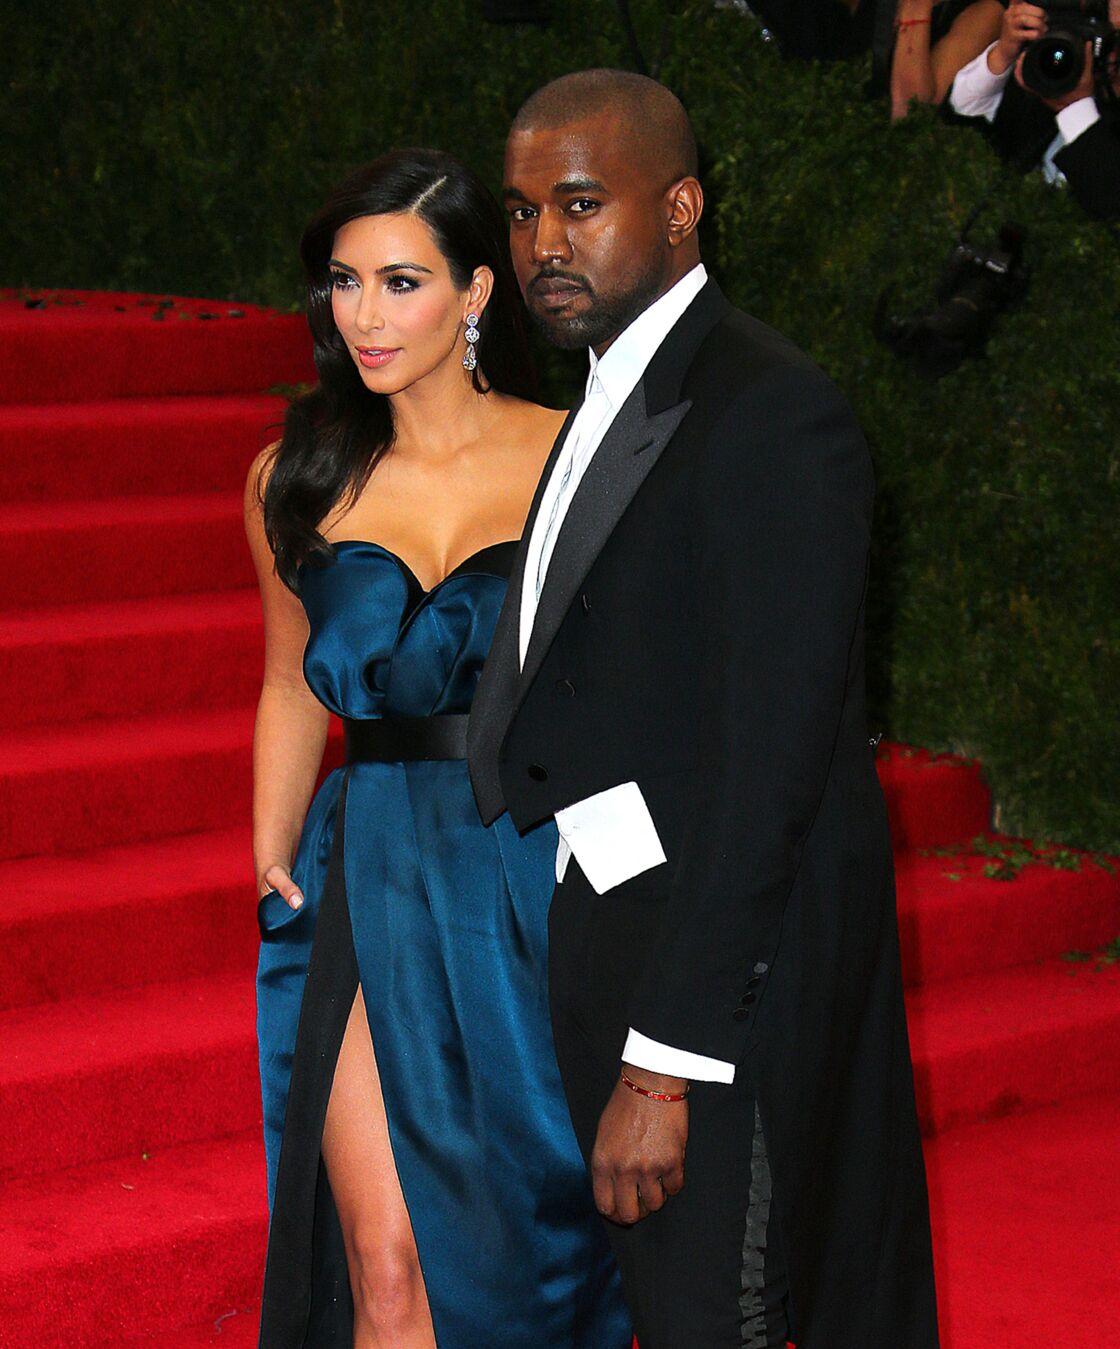 En couple depuis 2012, Kim Kardashian et Kanye West (ici au Met Ball de 2014) forment l'un des couples les plus puissants d'Hollywood